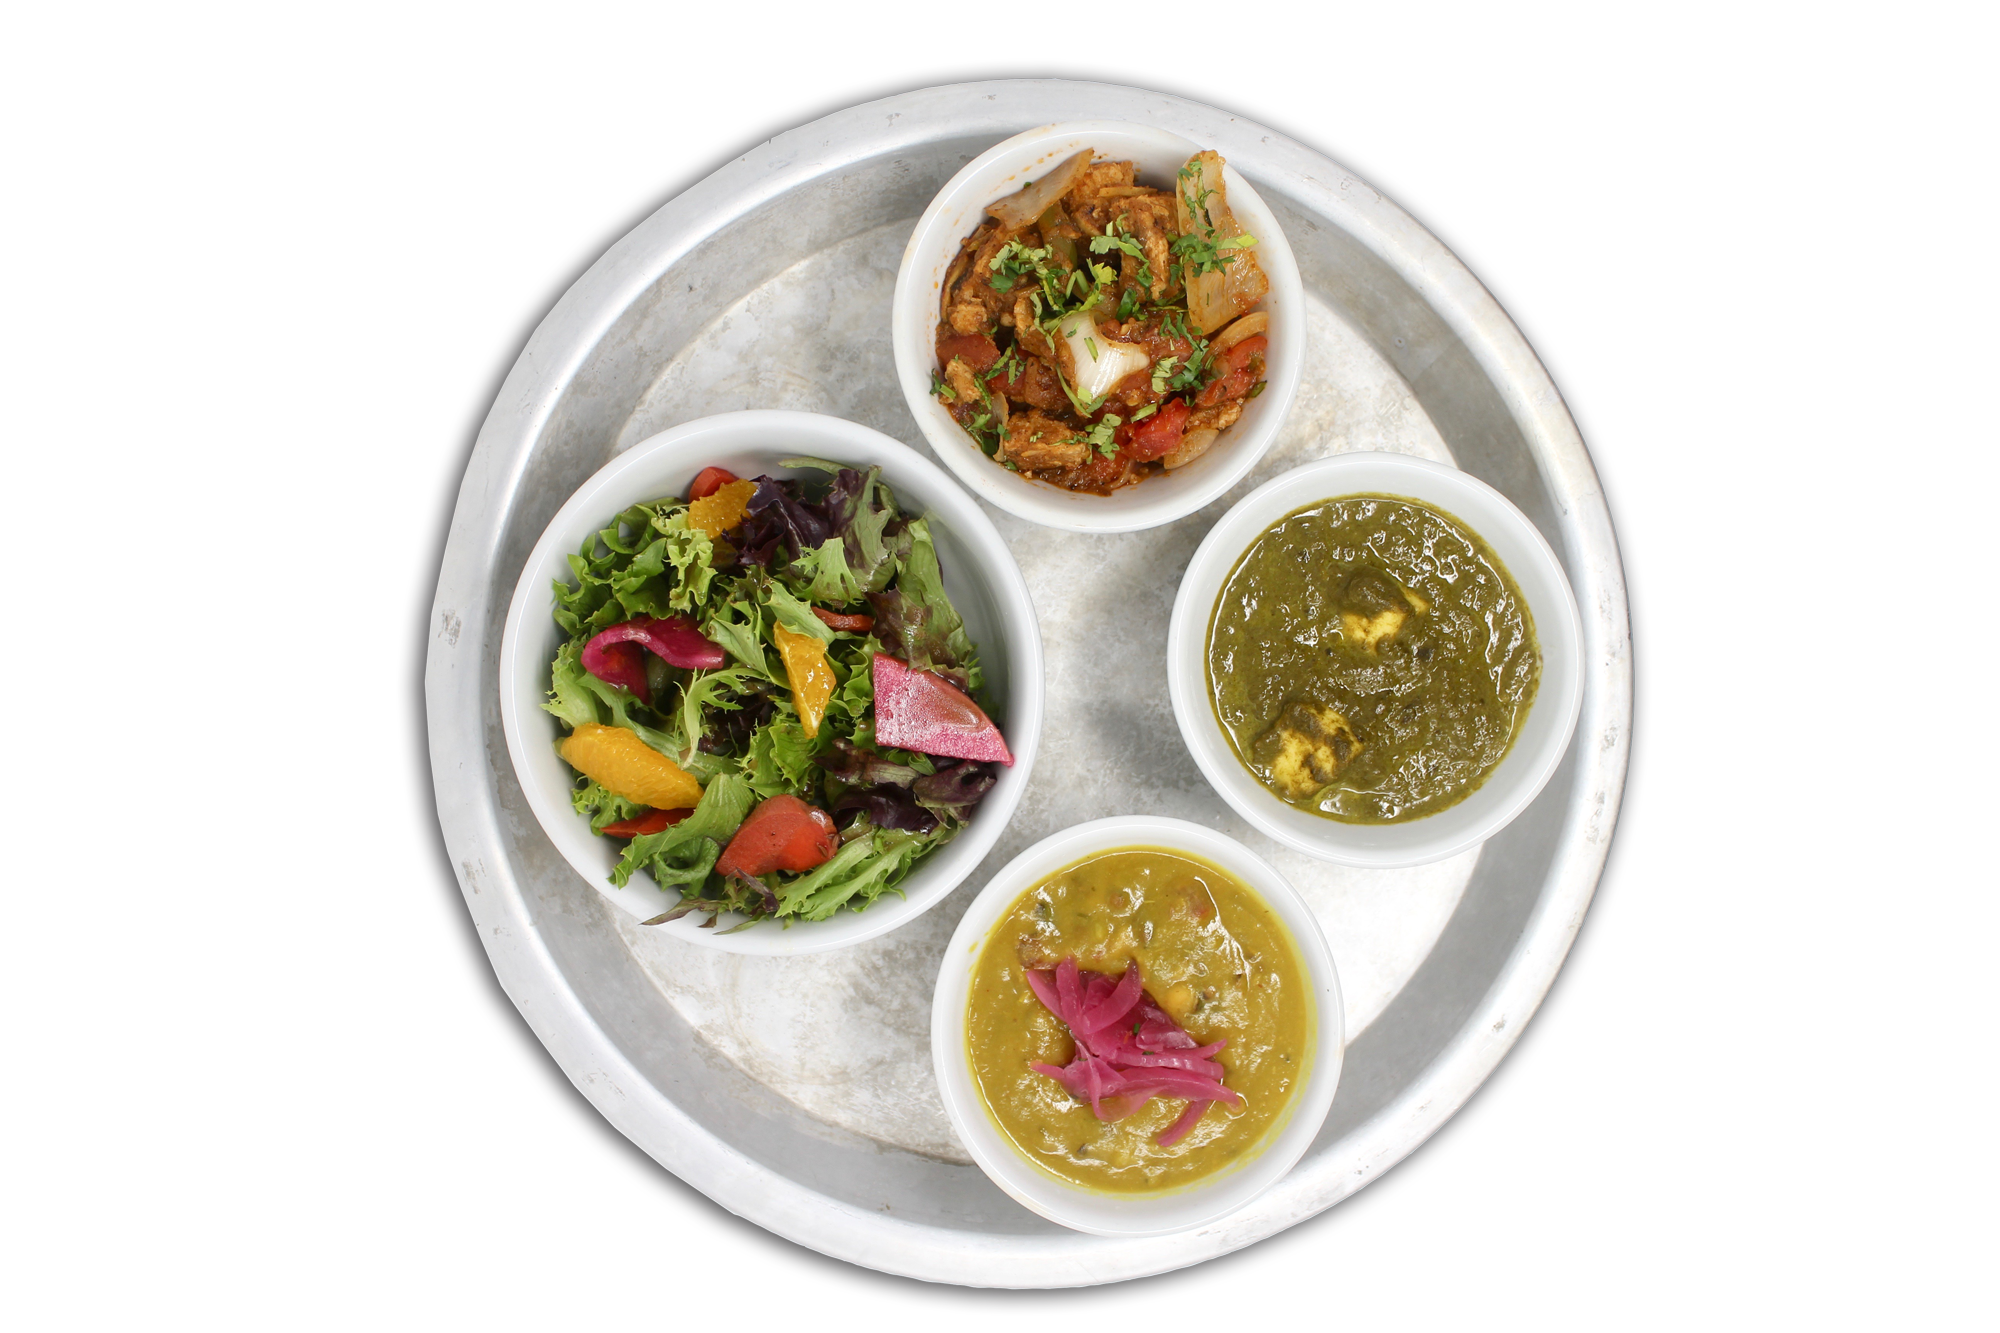 #KARMAPROTEIN   bowls of daal lentils, saag paneer, vegan plant protein, local seasonal greens (VG)